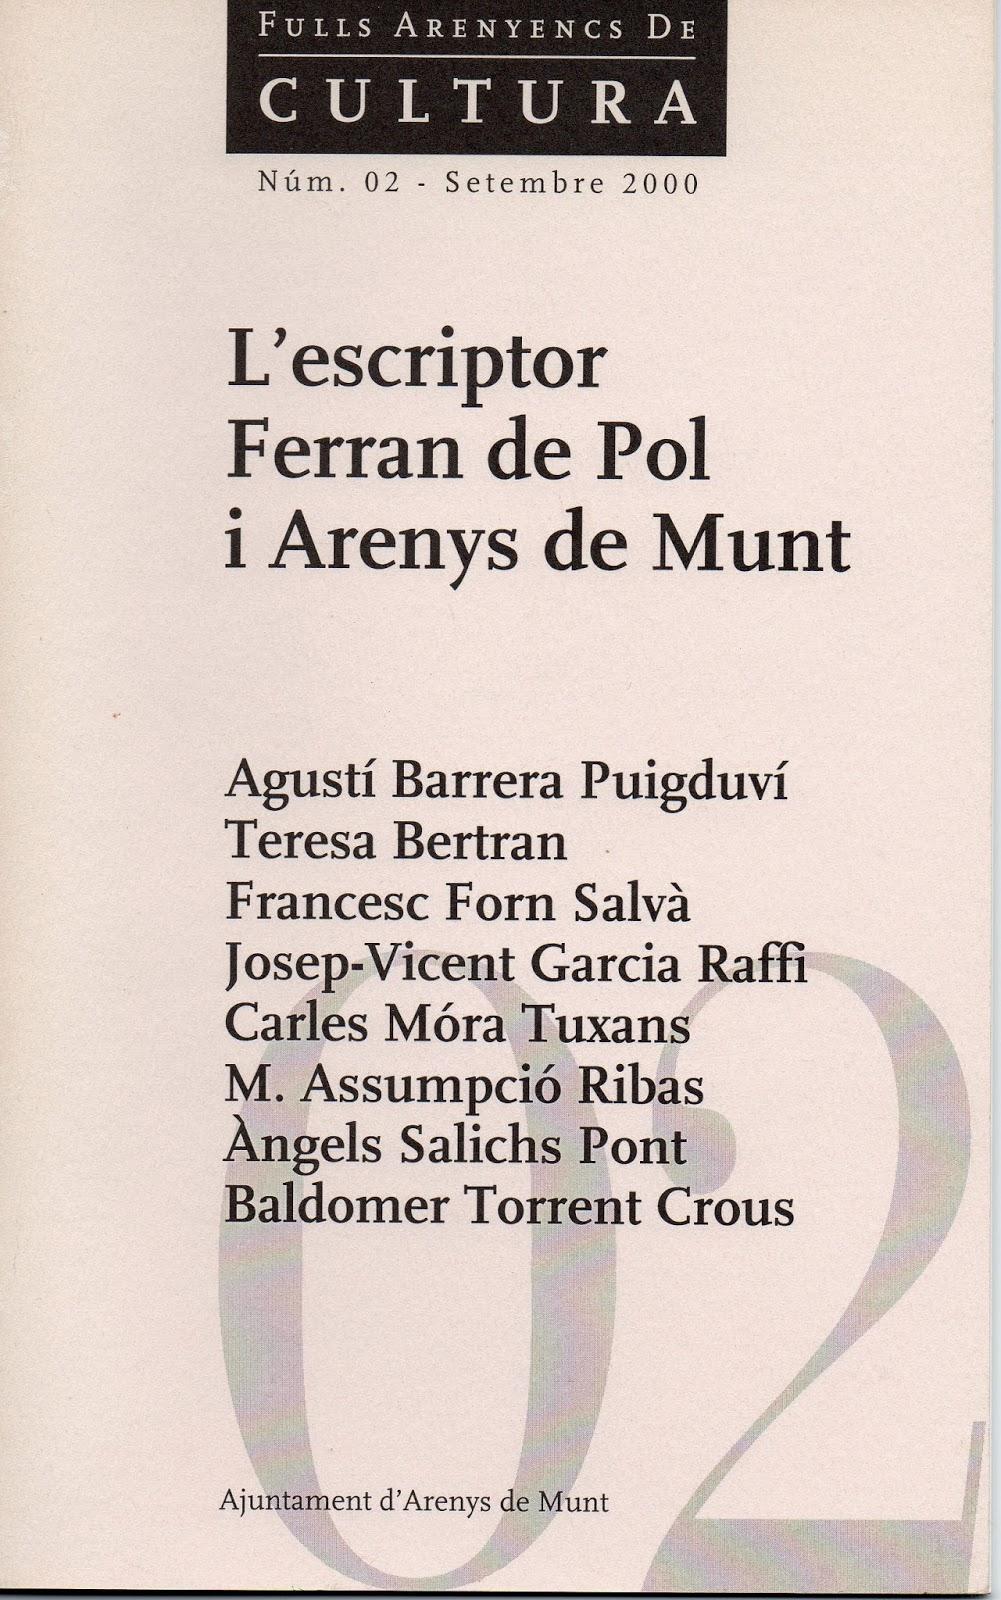 L'escriptor Ferran de Pol i Arenys de Munt